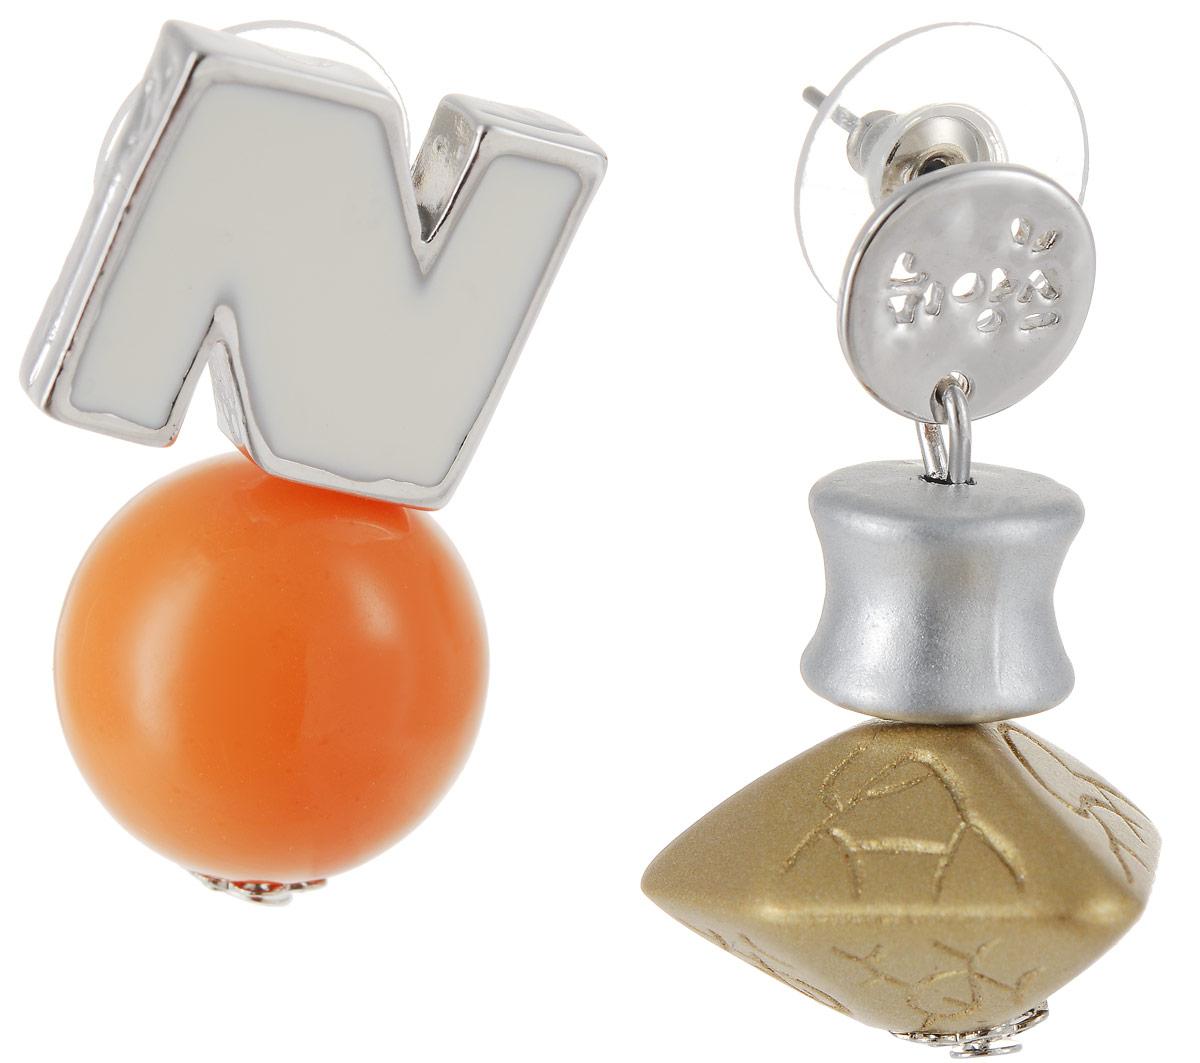 Серьги Art-Silver, цвет: серебряный, оранжевый. СРГО44-332Серьги с подвескамиСтильные серьги Art-Silver выполнены из бижутерного сплава. Две серьги оформлены разными декоративными украшениями. Серьги выполнены с замками-гвоздиками. Такие серьги будут ярким дополнением вашего образа.